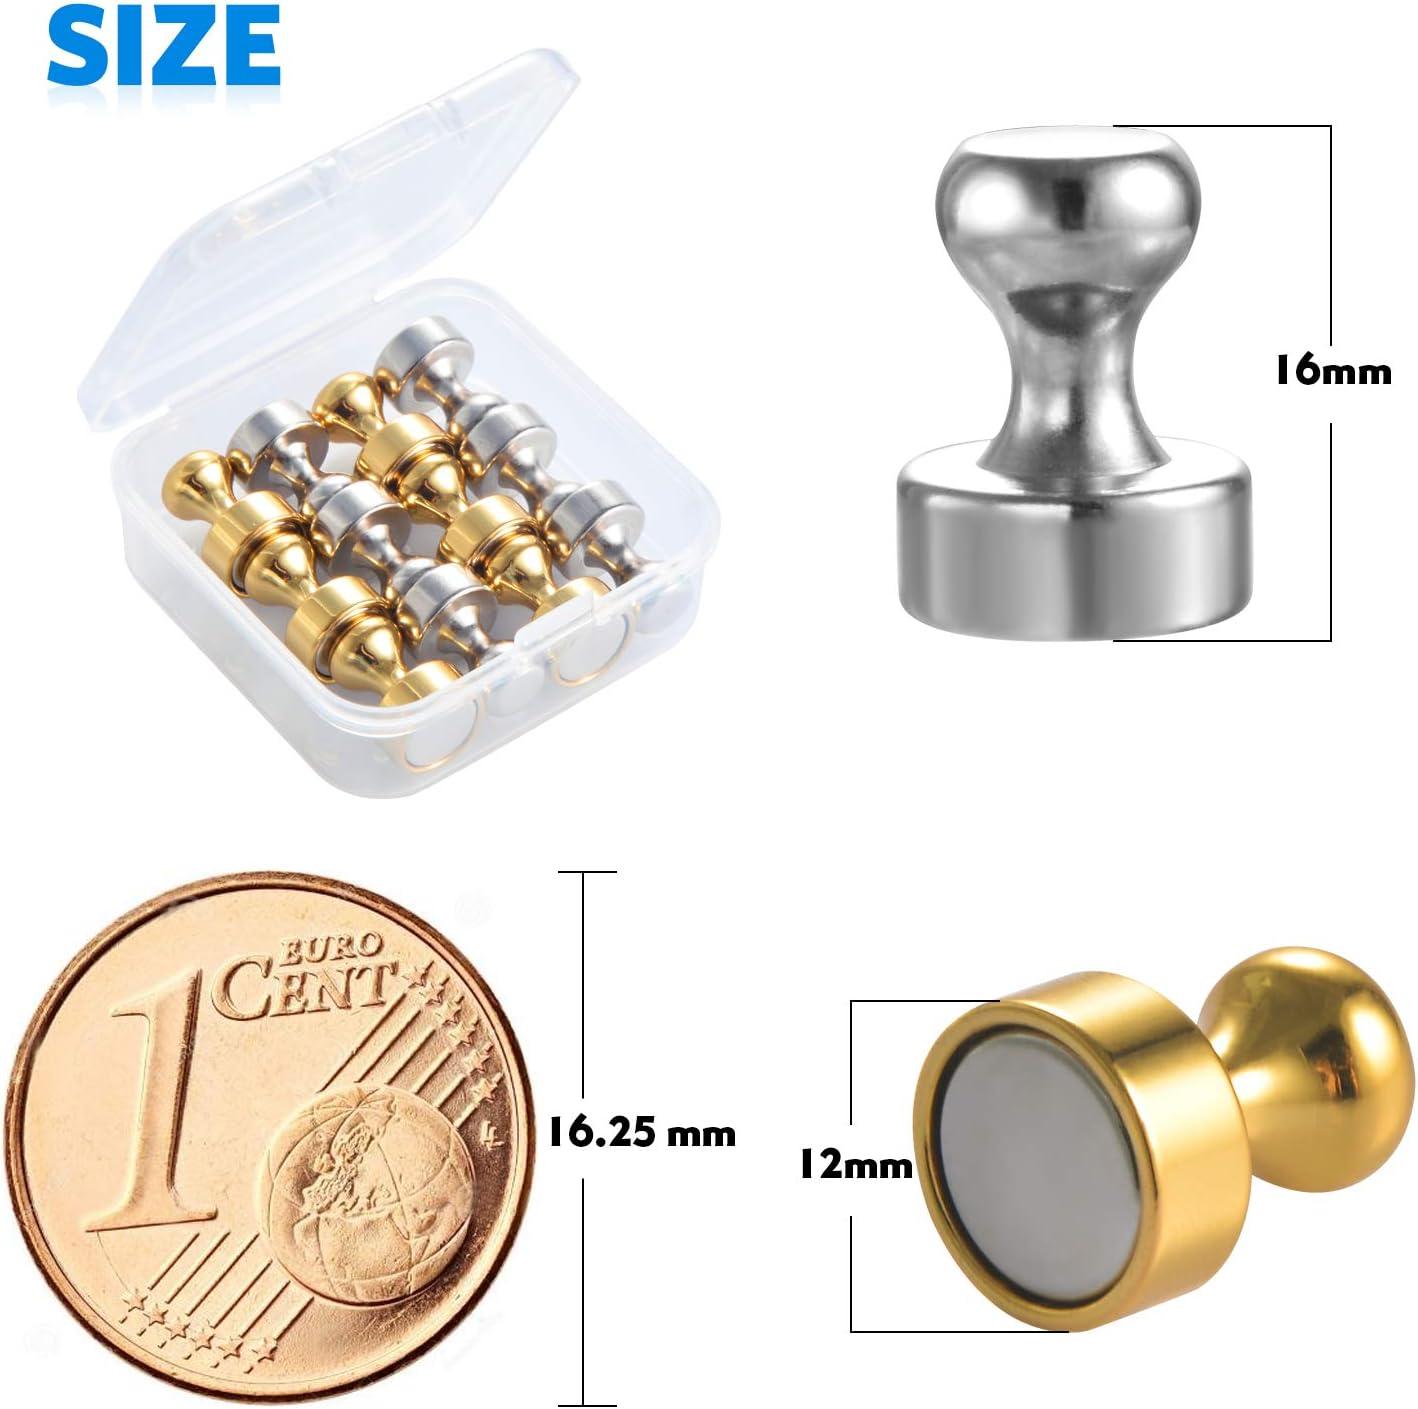 lavagna 24Pcs Silber+Gold frigorifero bacheca Argento+oro Zalava Forti magneti al neodimio extra forti N52 spilli con scatola di stoccaggio per lavagna magnetica